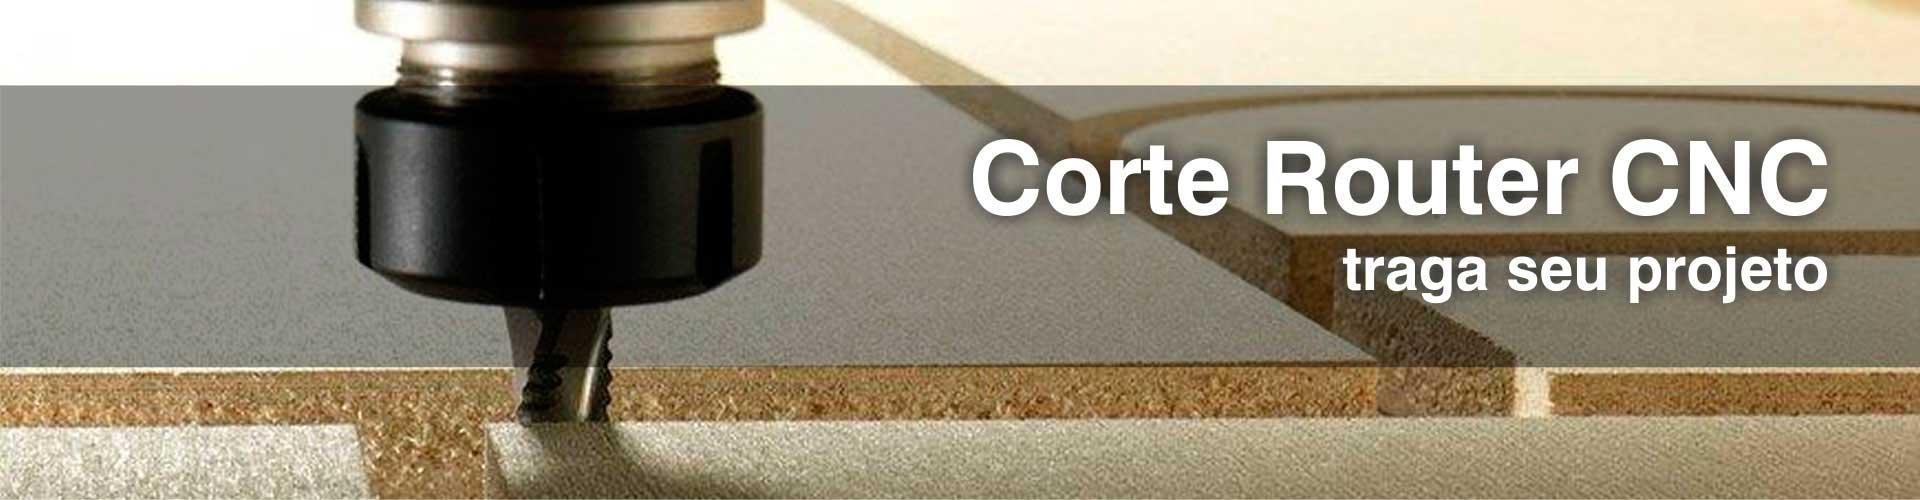 Corte Router